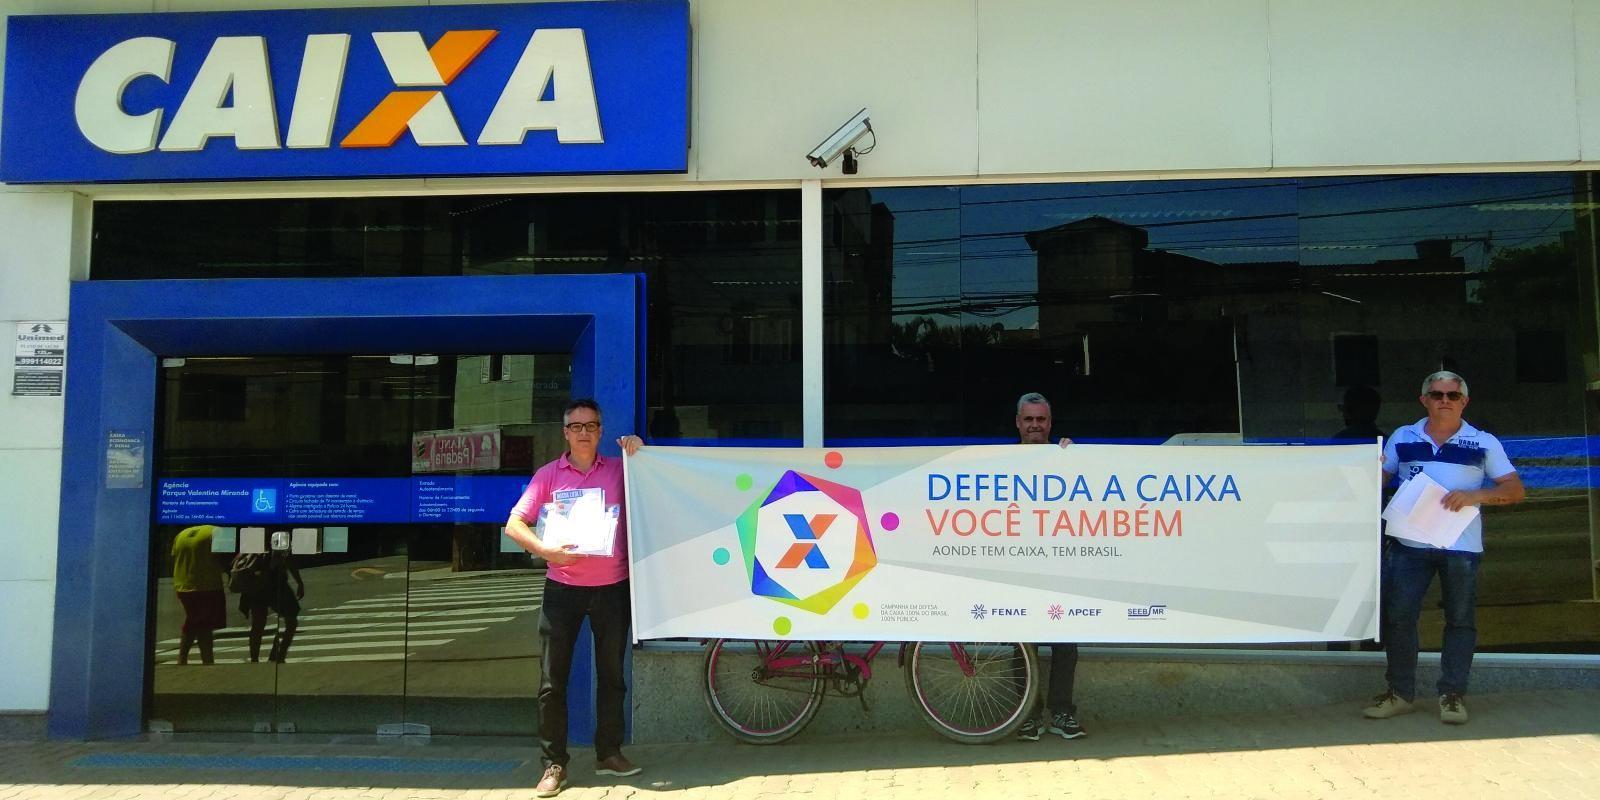 #DiadeLuta em defesa do Saúde Caixa nesta quarta (11)